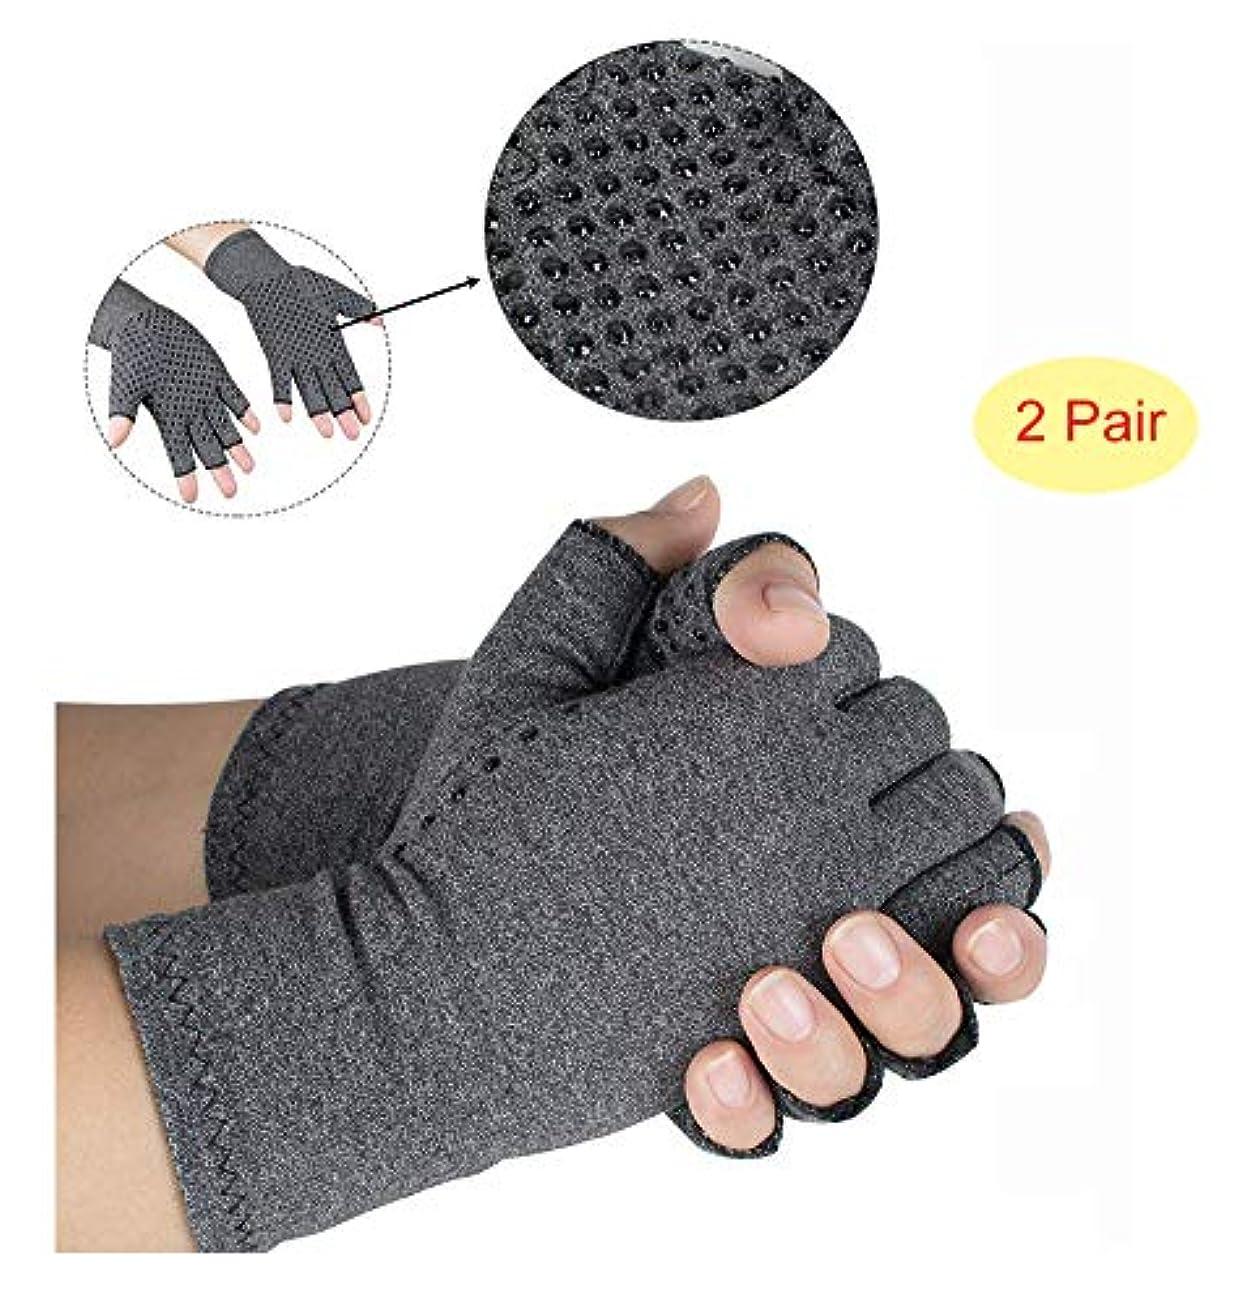 関節炎手袋、灰色の滑り止め、毎日の仕事、手と関節の痛みの軽減のための抗関節炎の健康療法の圧縮手袋,2Pair,L